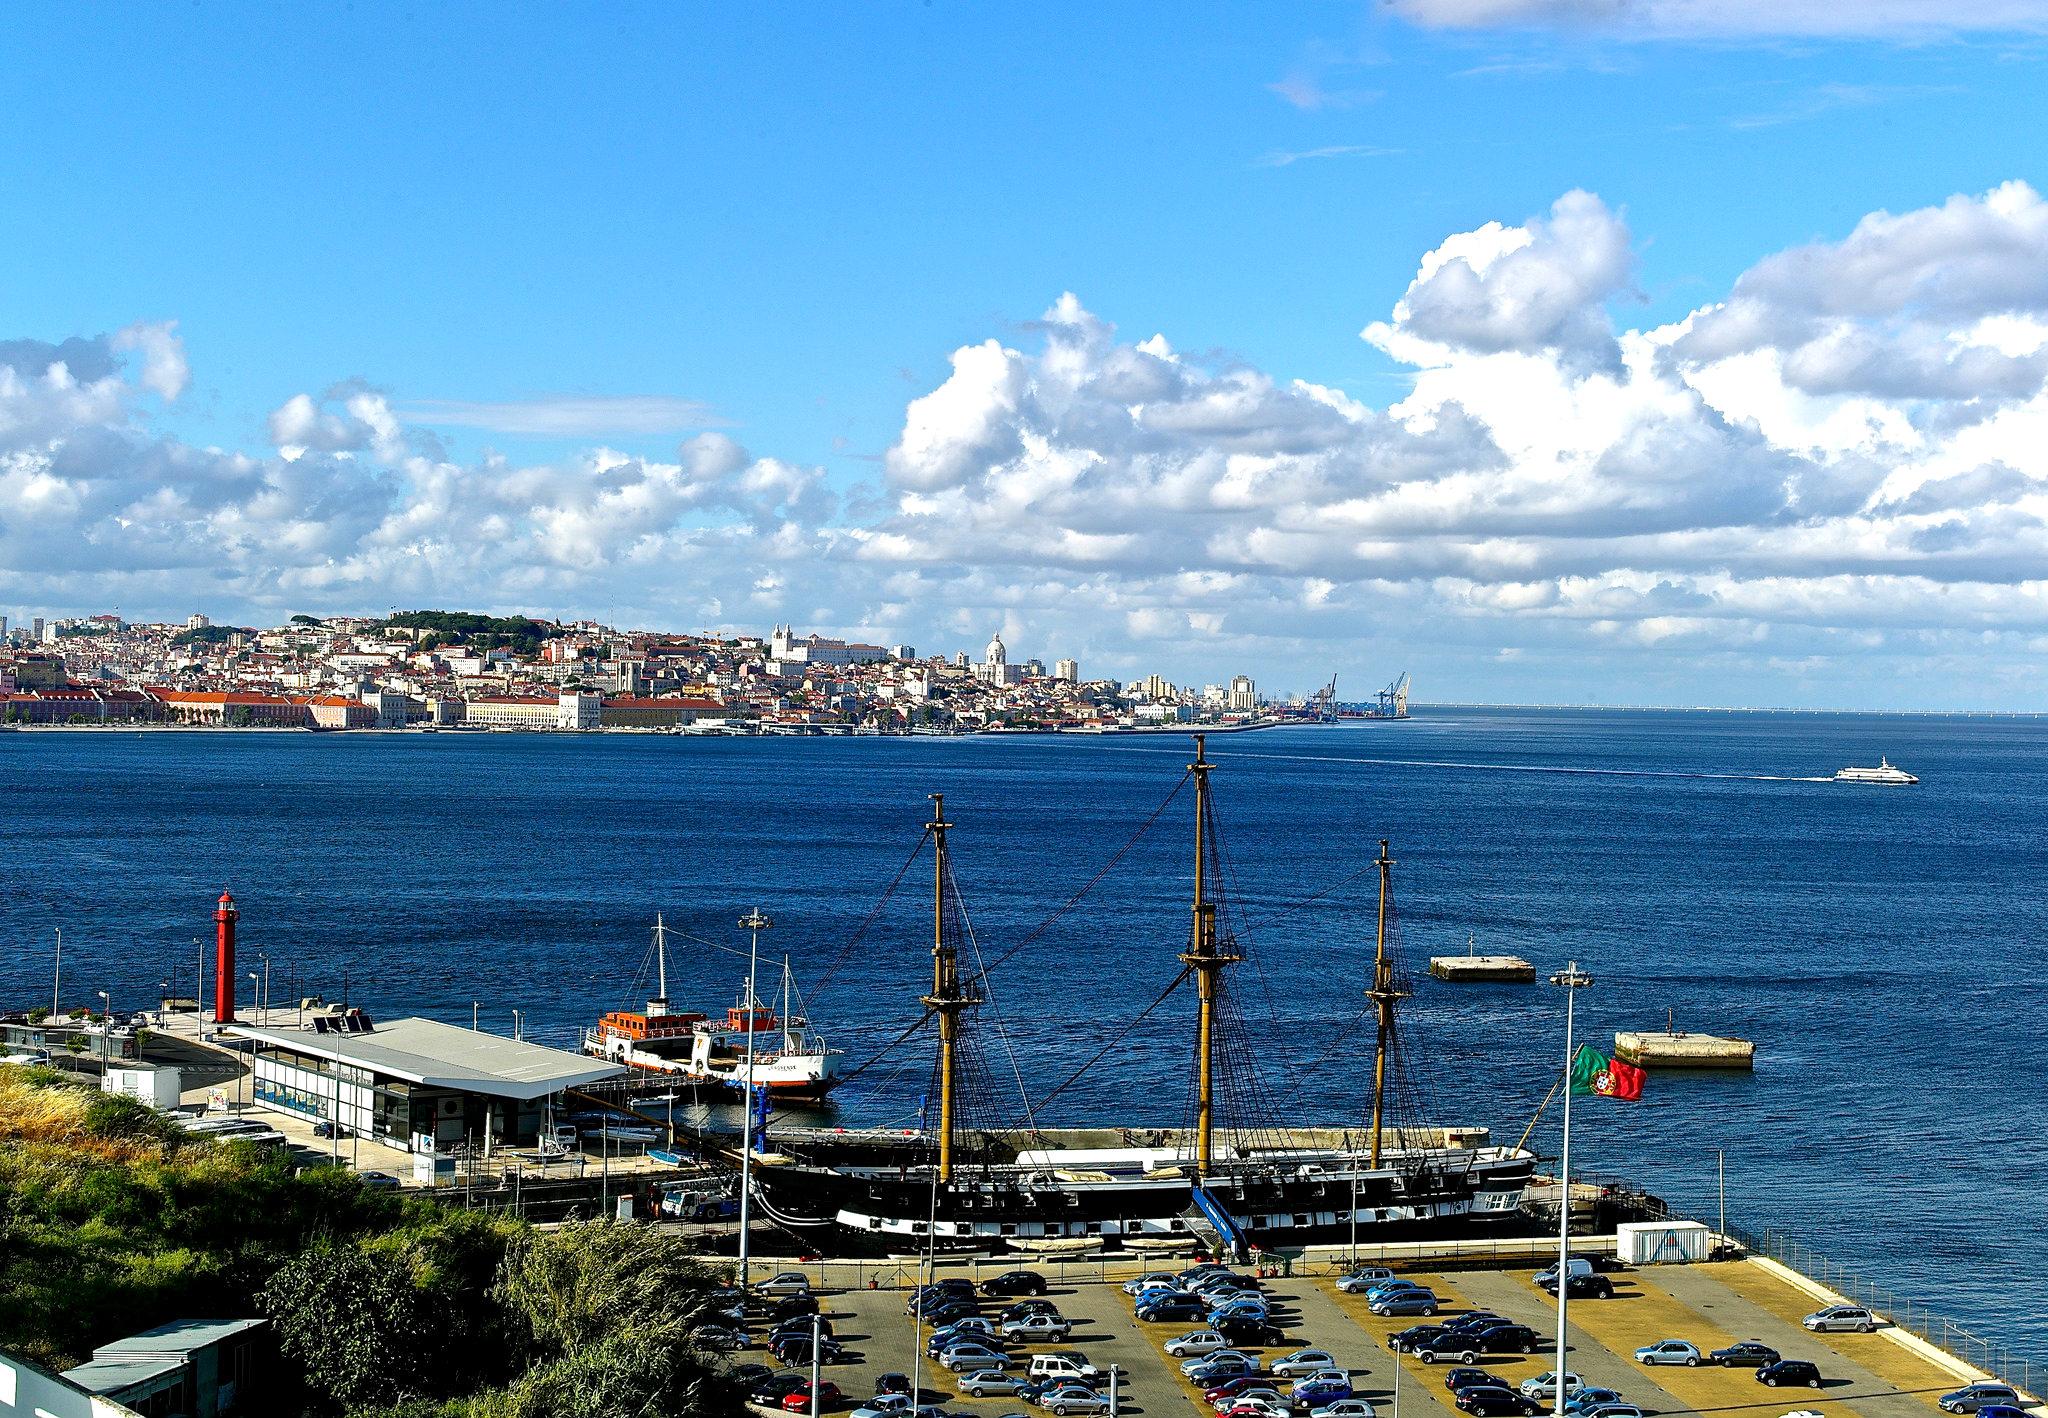 【漫步里斯本】葡萄牙里斯本歷史與美食之旅( 含 River Tagus 遊船 )